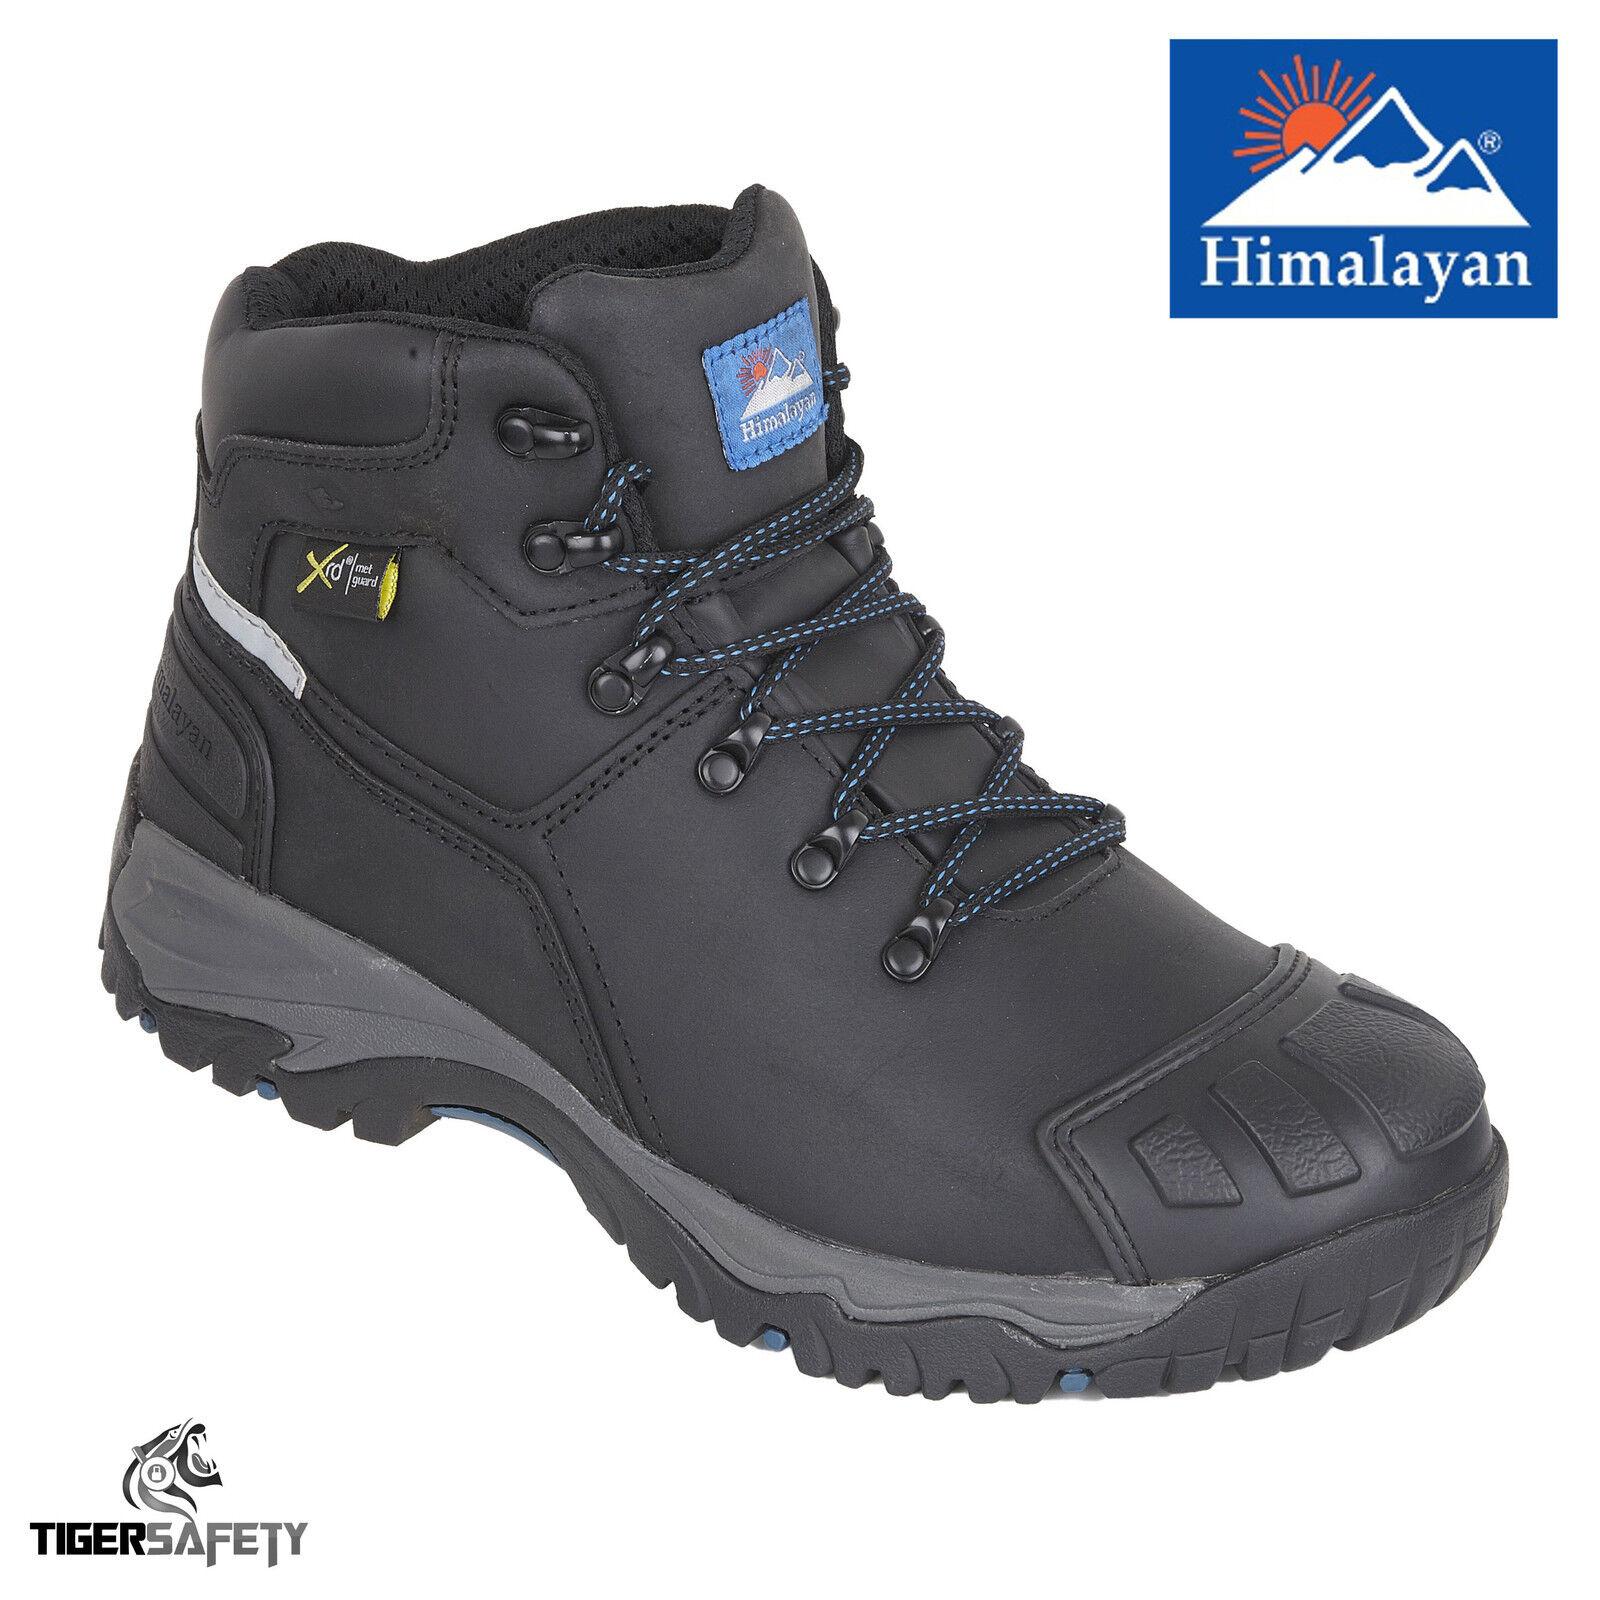 Himalayan 5208 S3 SRC Puntera De Acero Impermeable Metatarso Projoección botas De Seguridad PPE